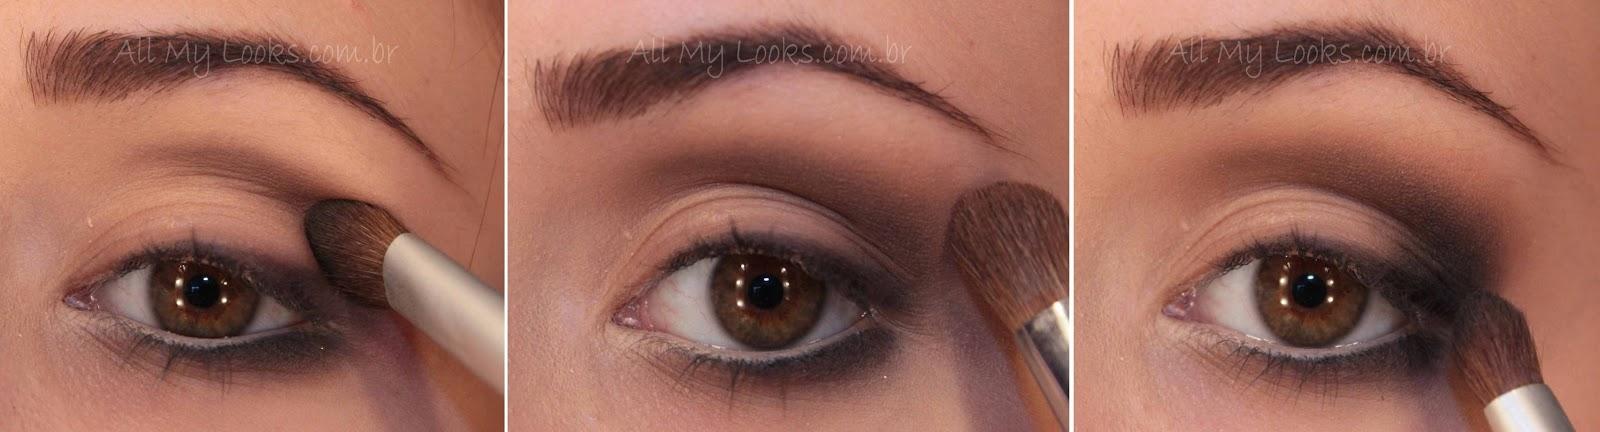 Truques de maquiagem para deixar os olhos maiores | Baú das DICAS